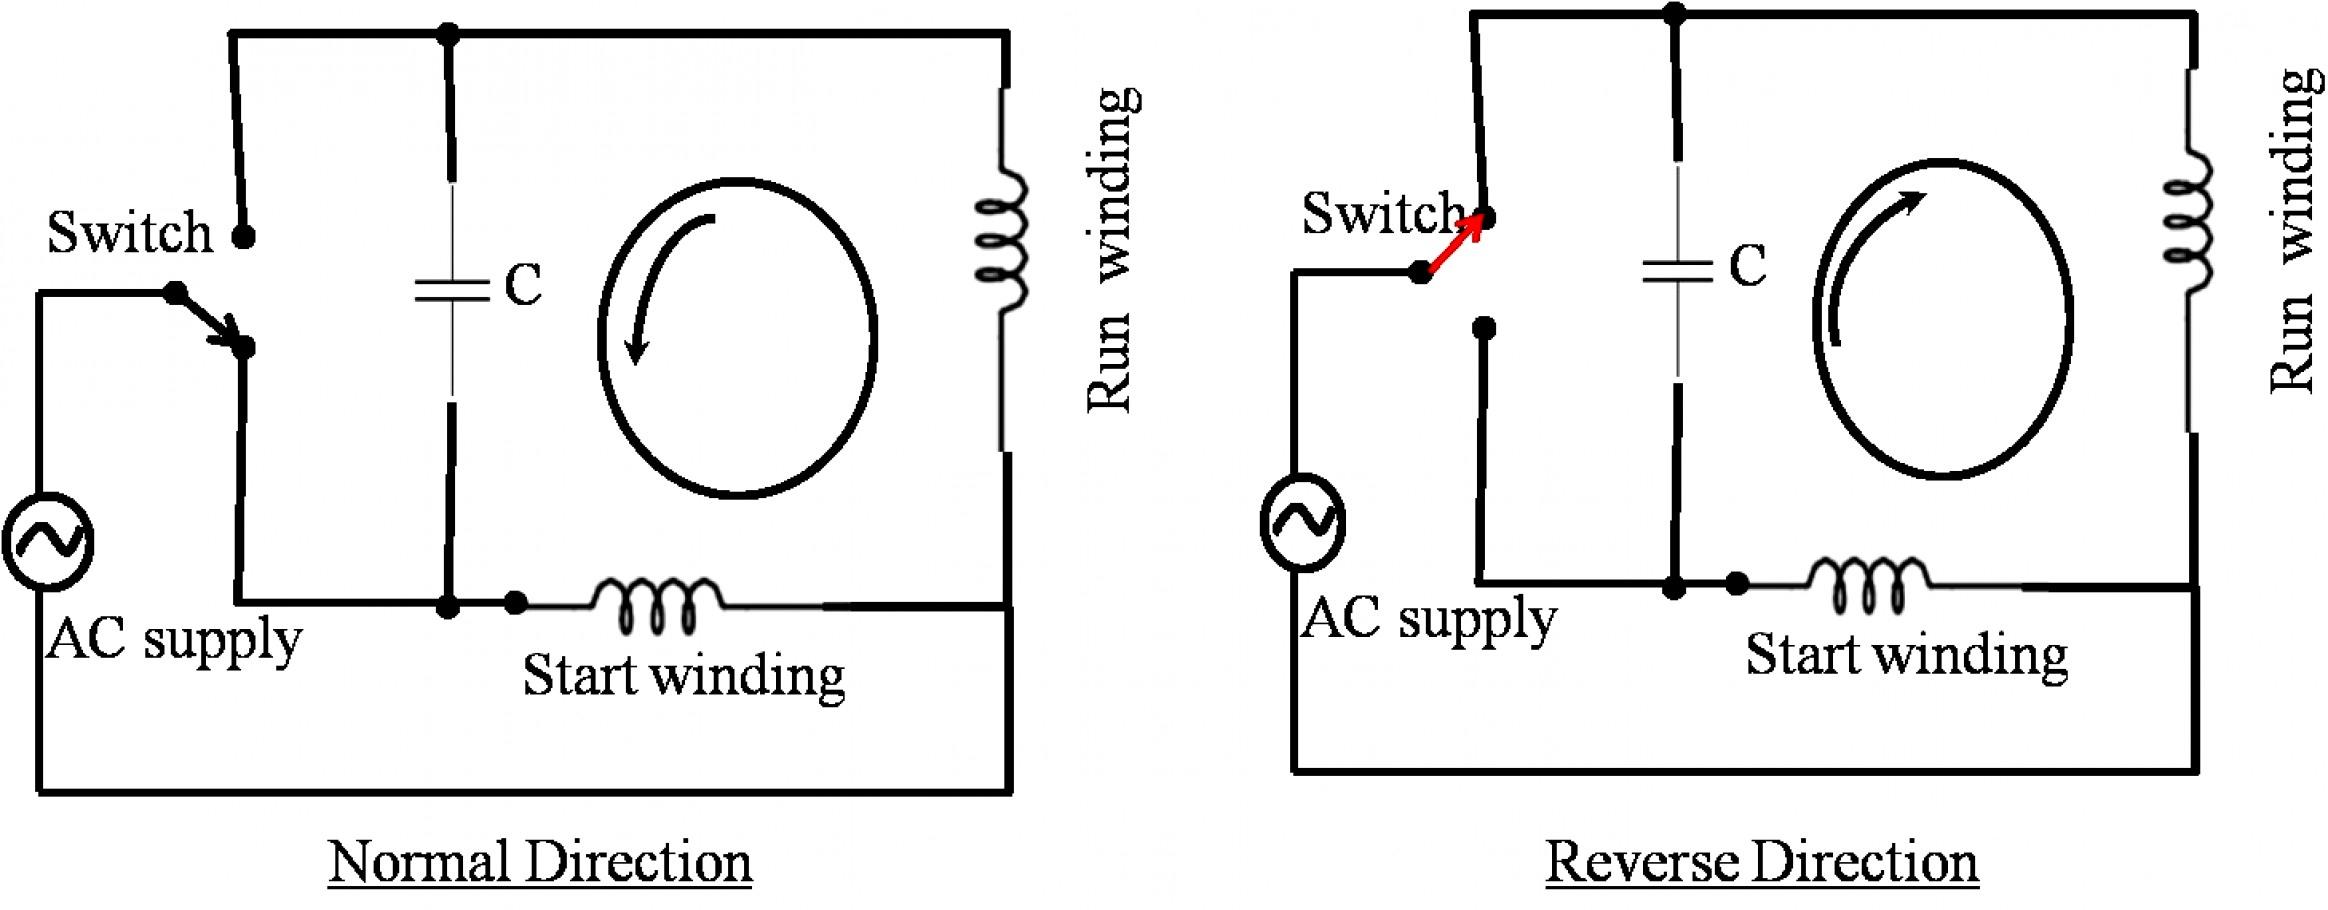 rheem fan motor wiring diagram